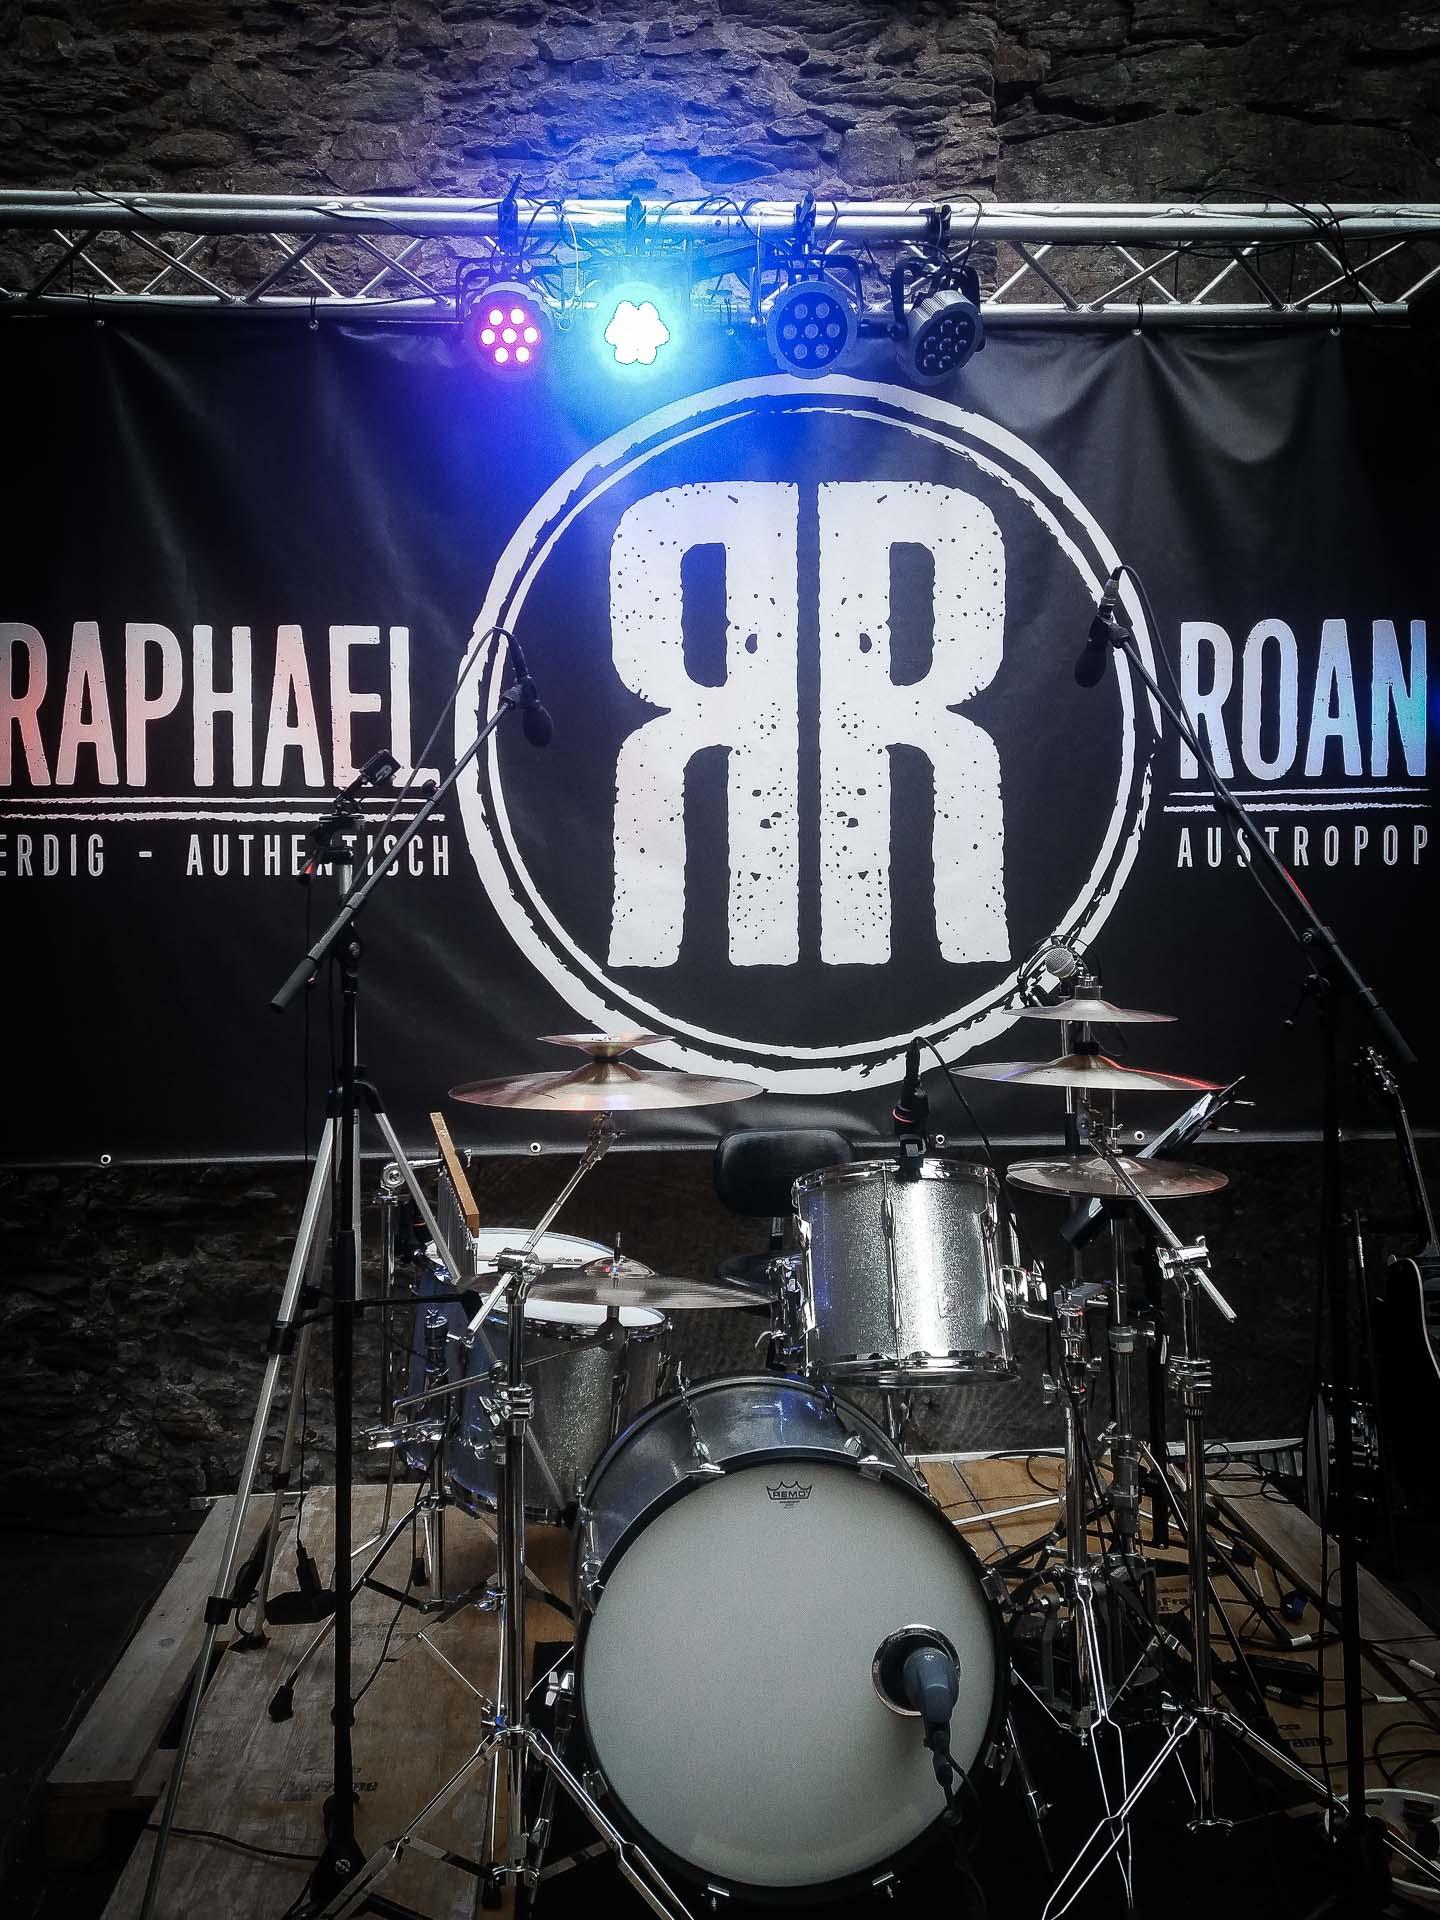 RAPHAEL ROAN live @ Ruine Aggstein